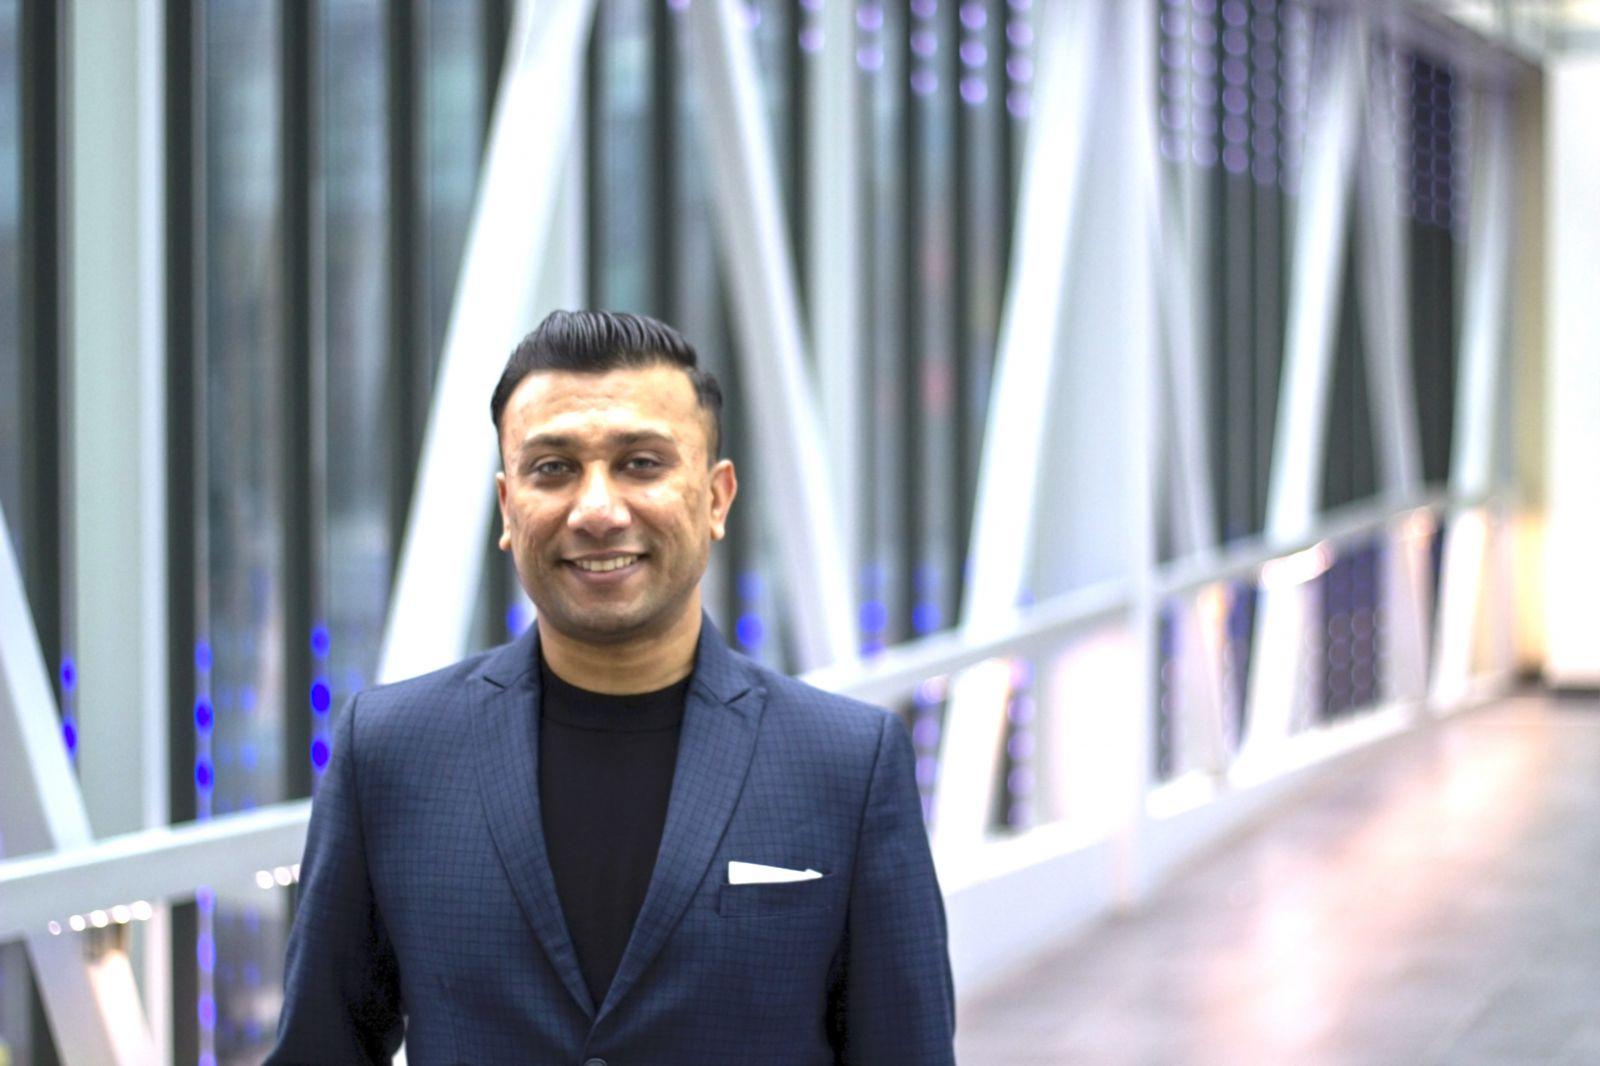 Prateek Sureka